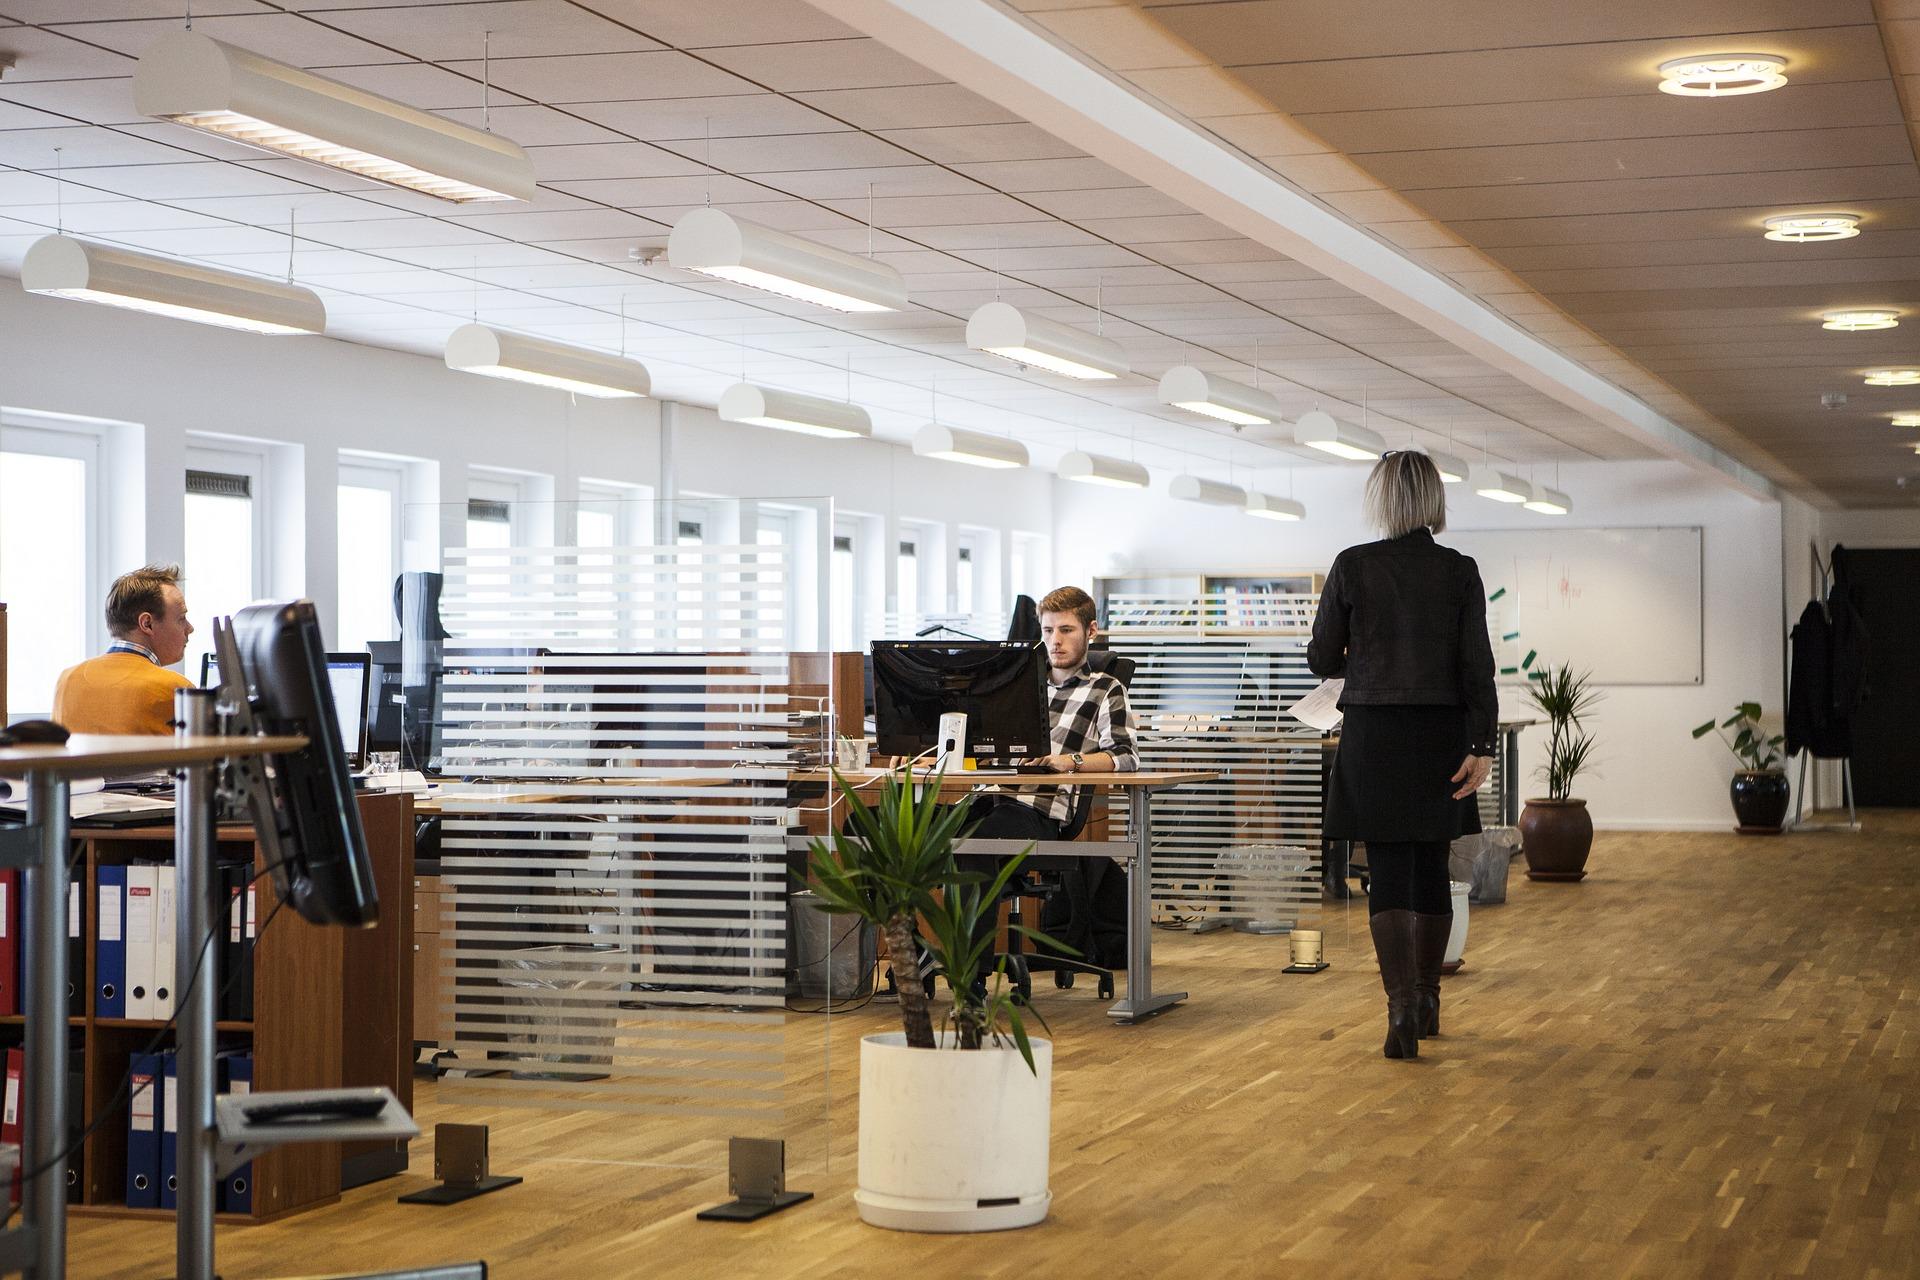 Hva trenger man på kontoret?